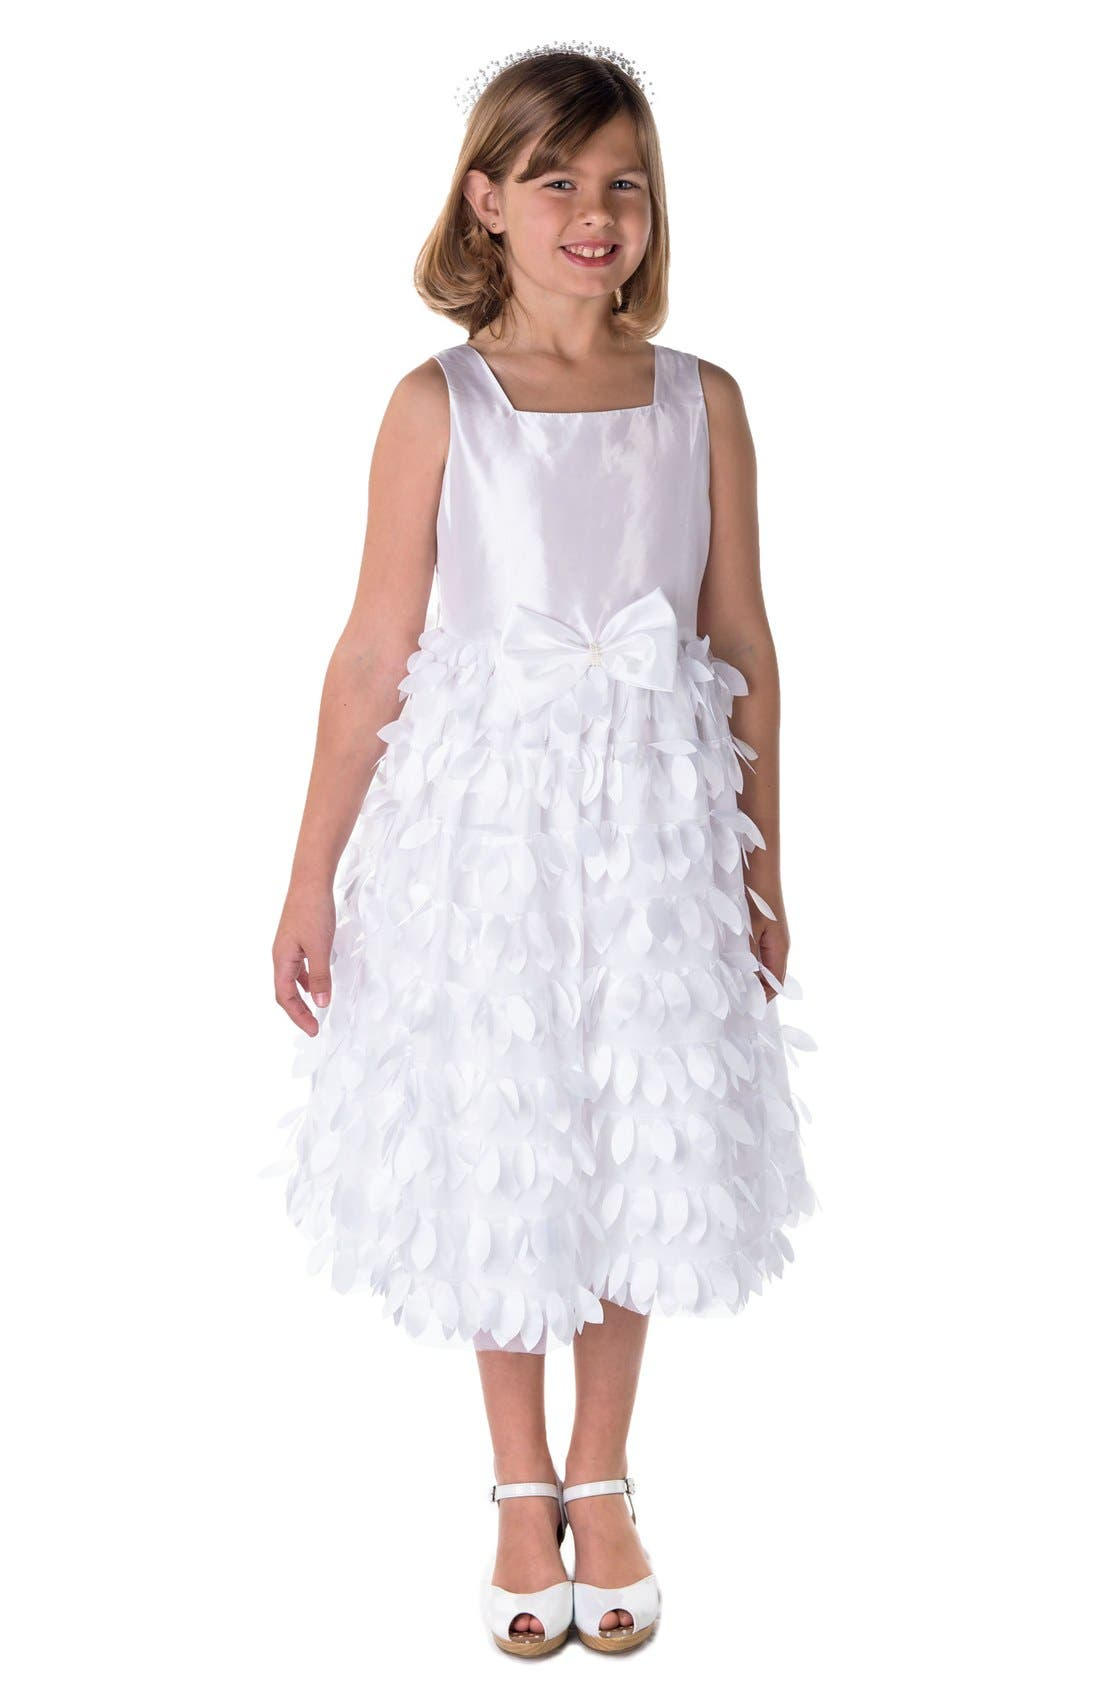 SORBET 'Petal' Taffeta Flower Girl Dress